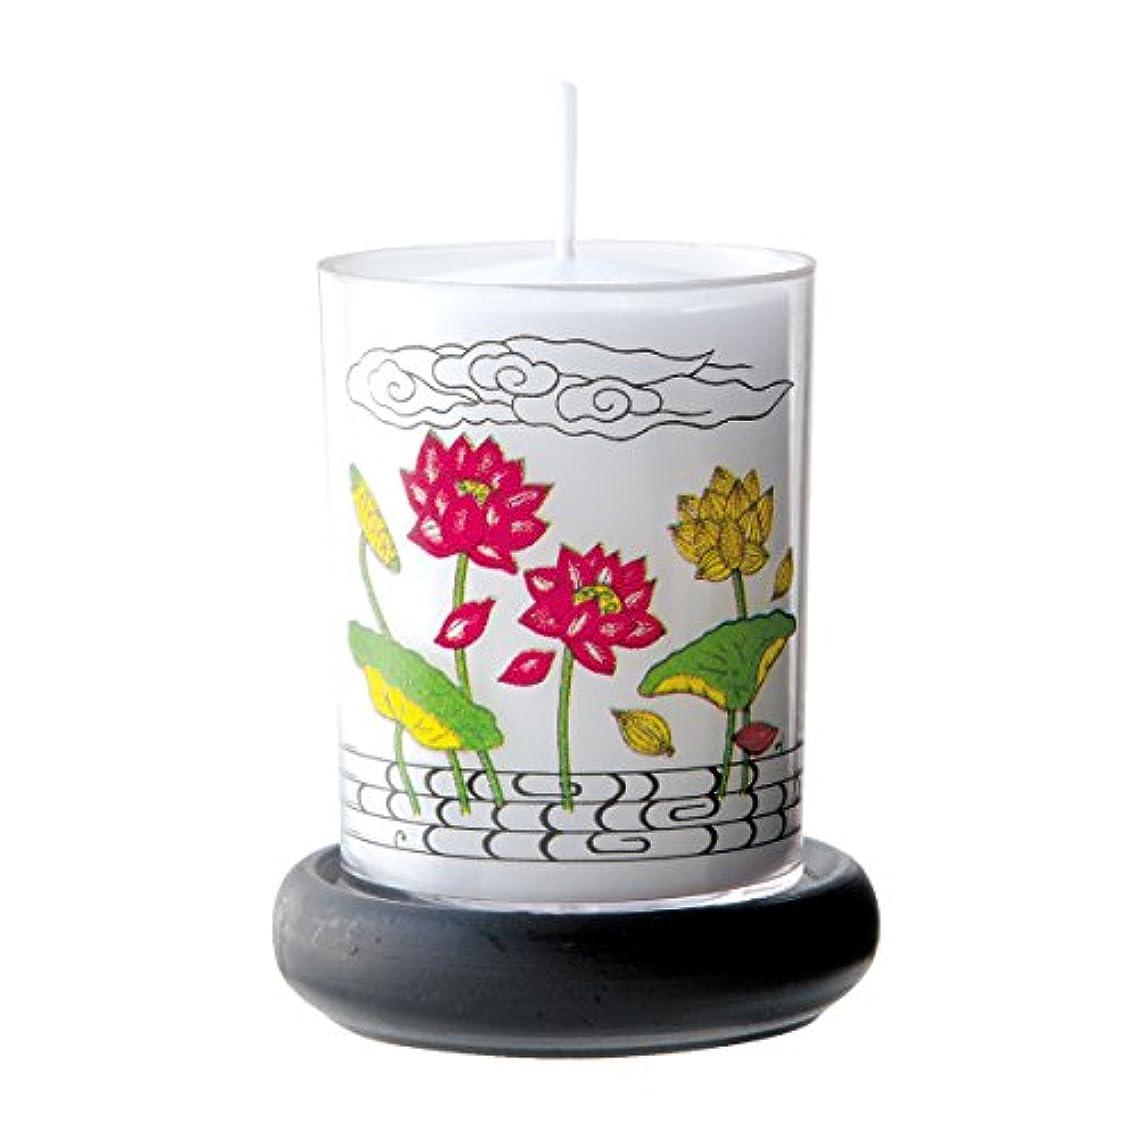 大使館トレイ広告するカメヤマ 24時間ボーティブ台付き 蓮花 1個箱